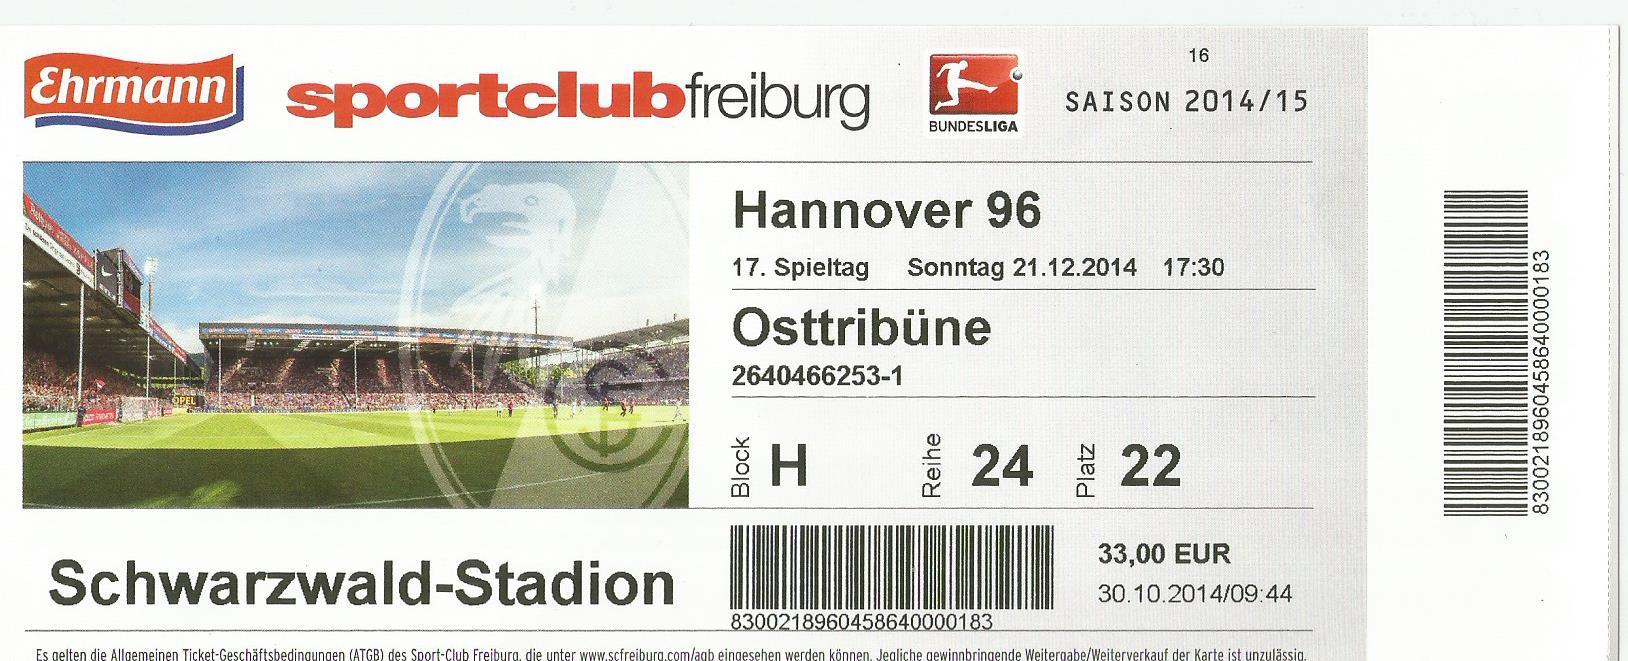 Sc Freiburg Karten.Ticket Collection Löwland